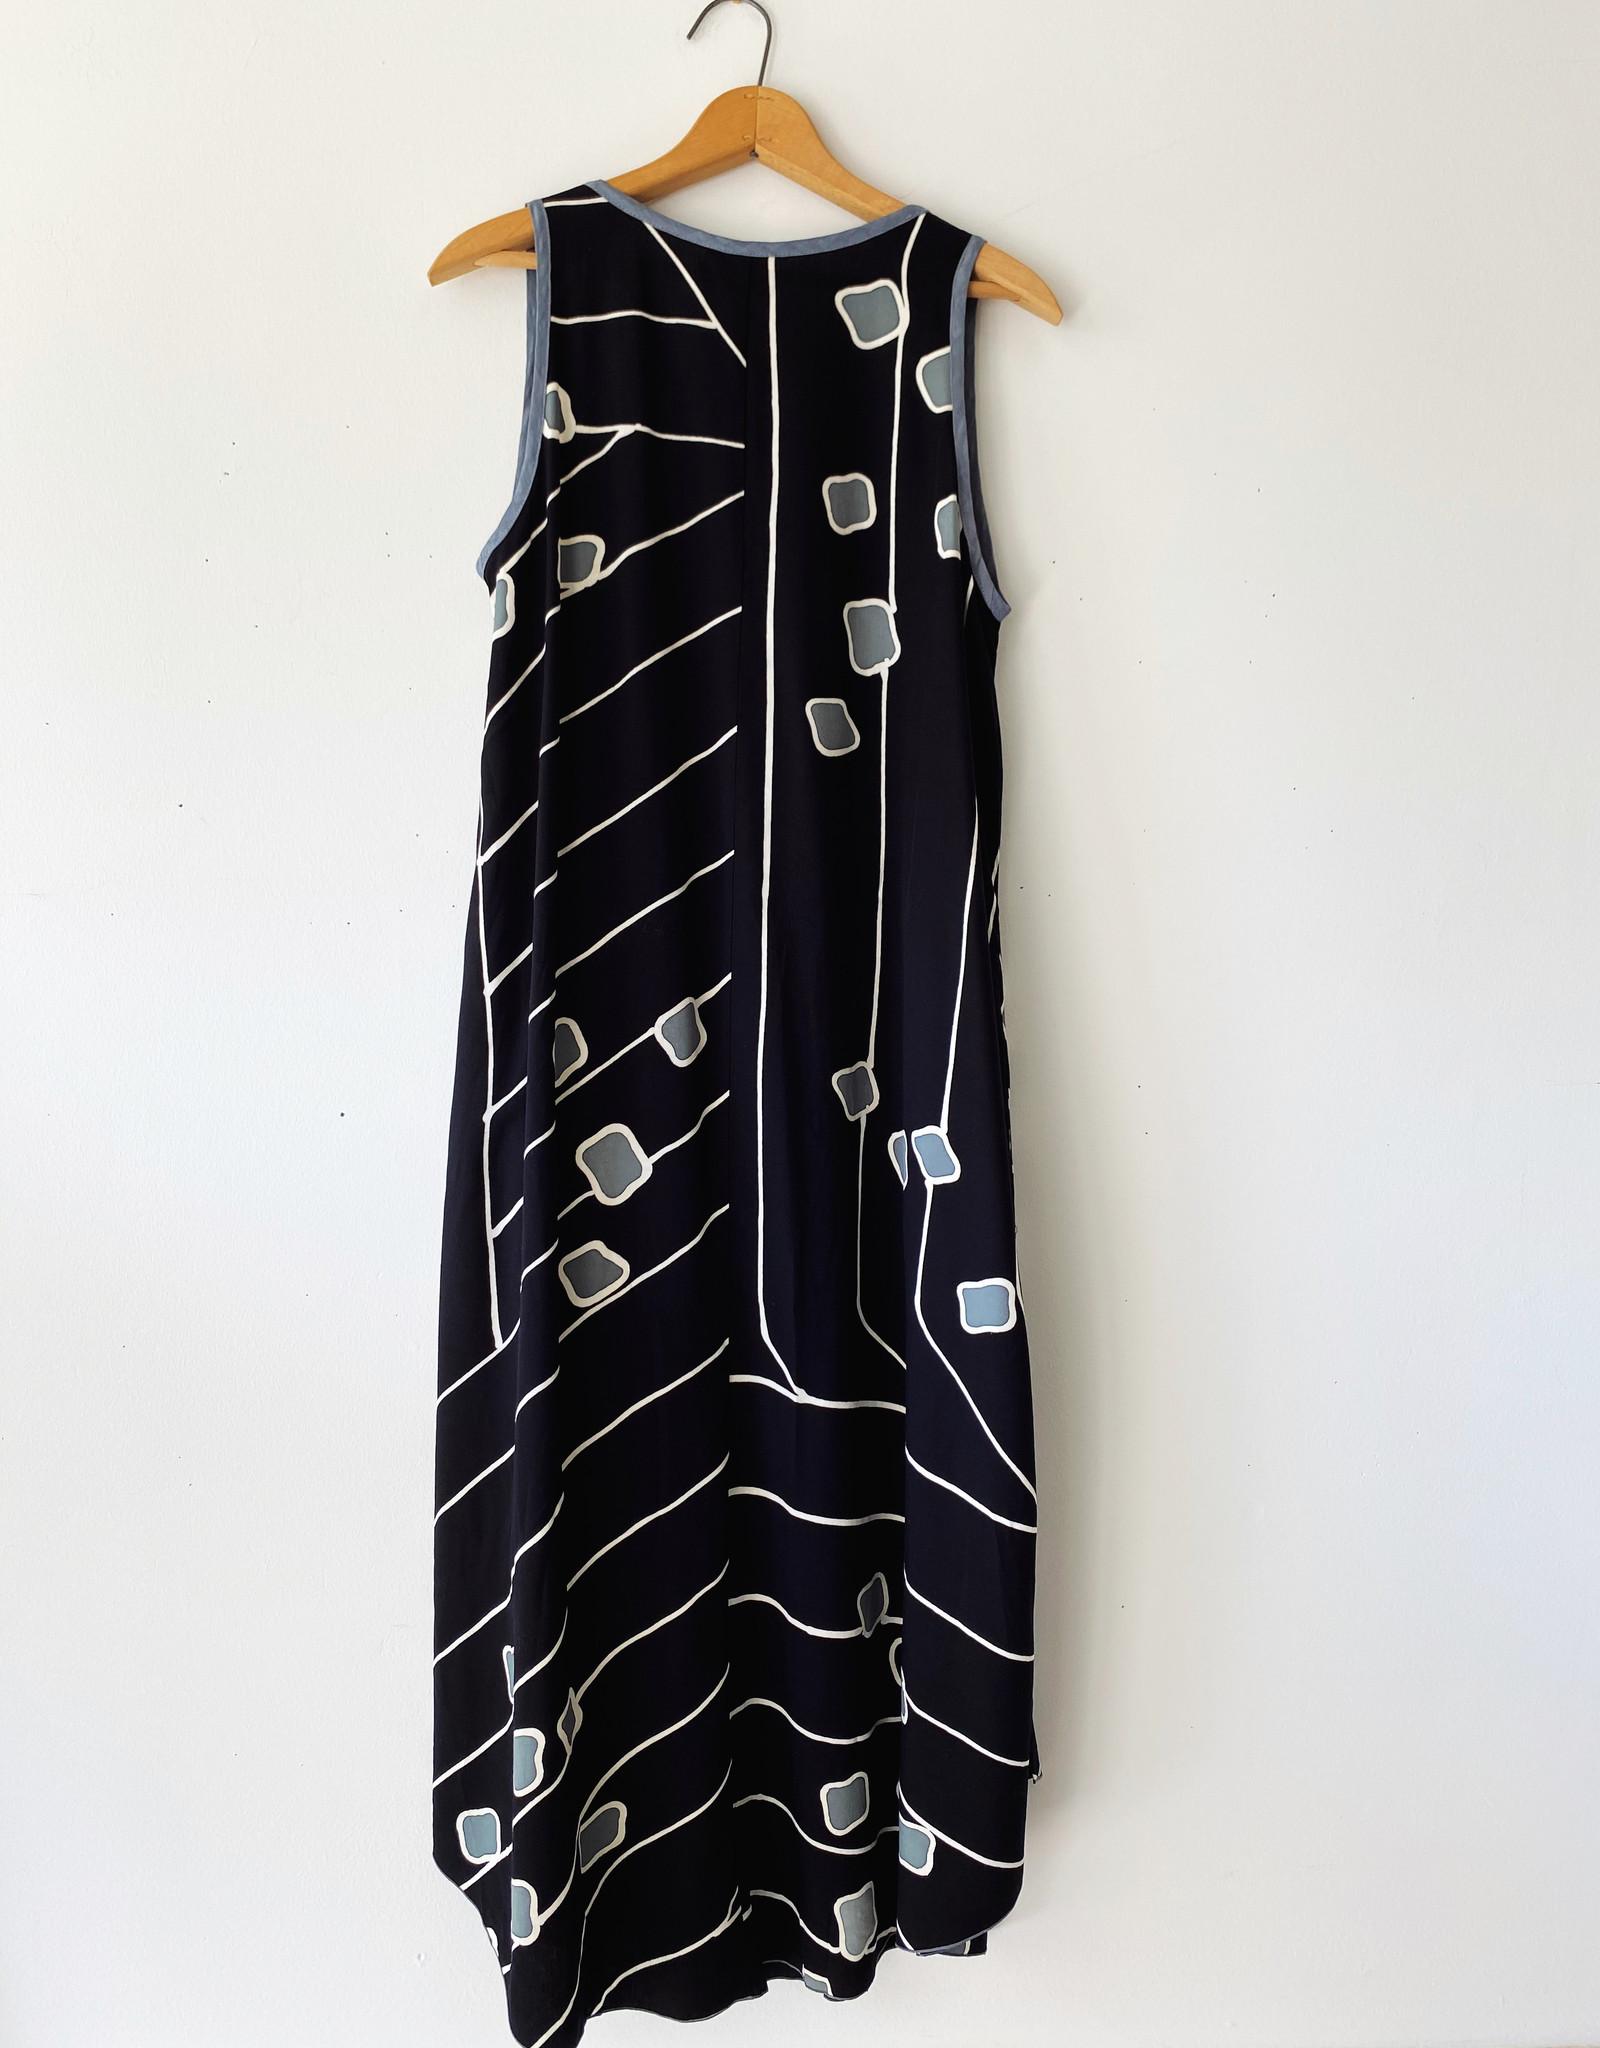 IGUANA N4063B IGUANA SWING TANK DRESS